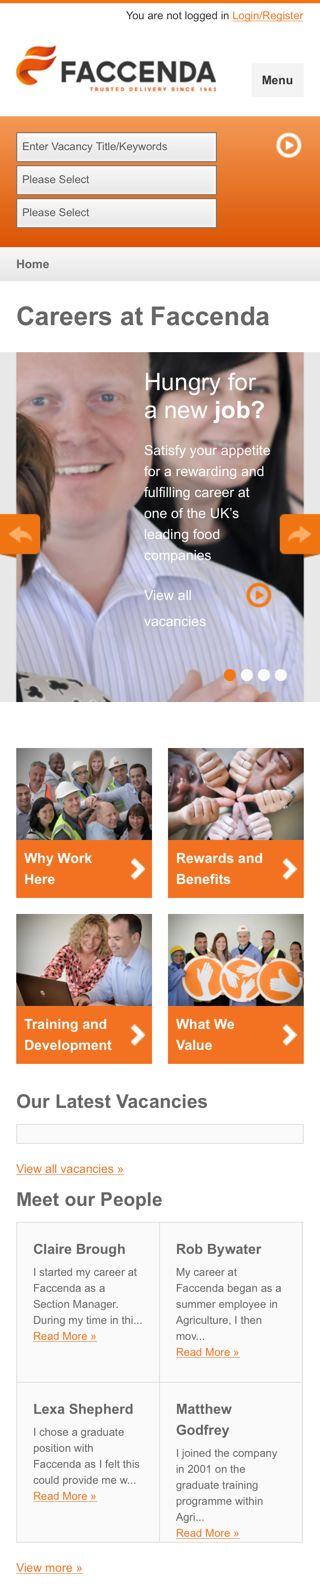 Faccenda Careers Site